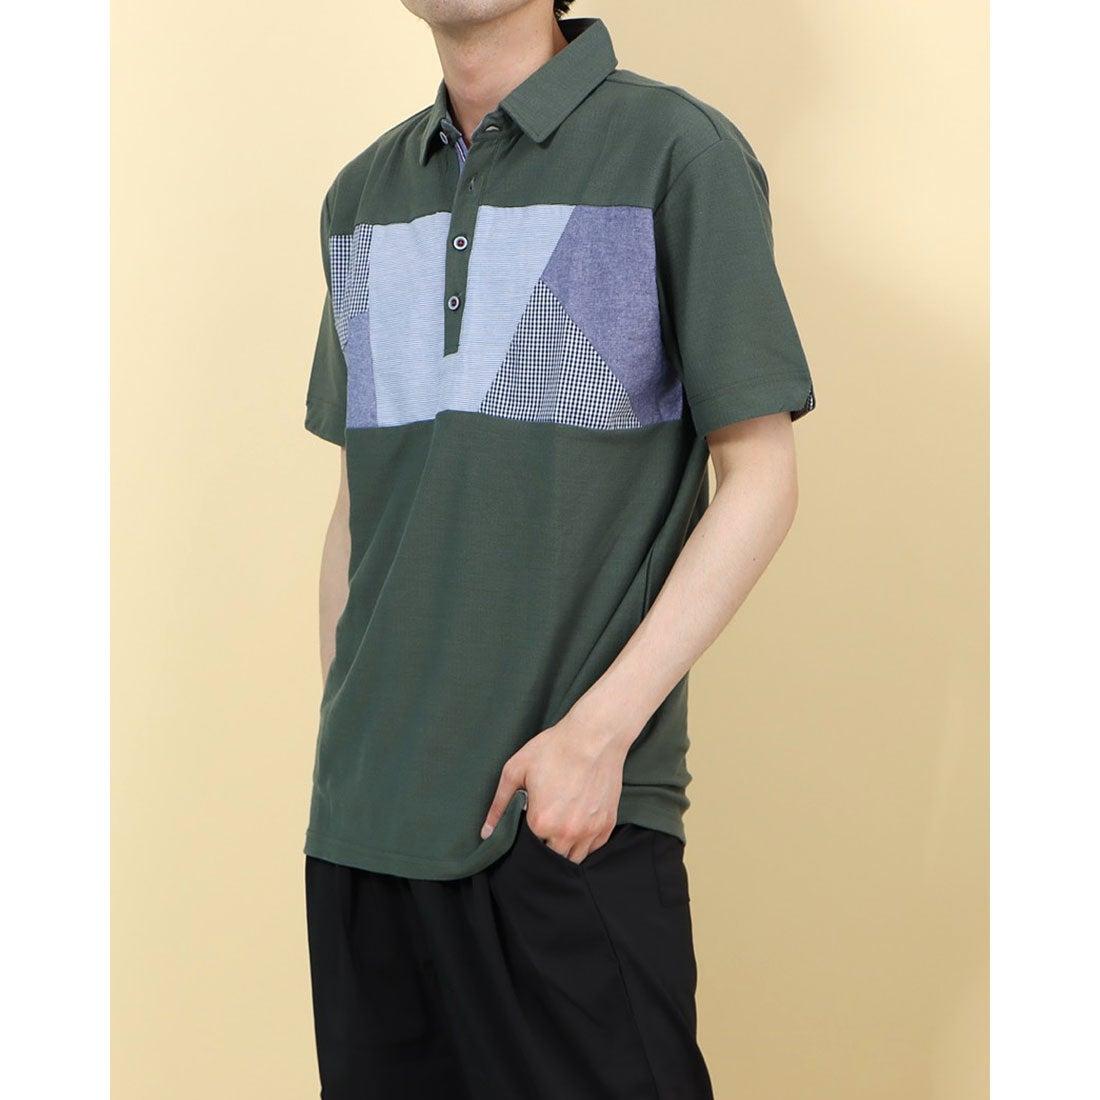 ロコンド 靴とファッションの通販サイトスタイルブロック STYLEBLOCK 梨地異素材切替ポロシャツ (Bカーキ)